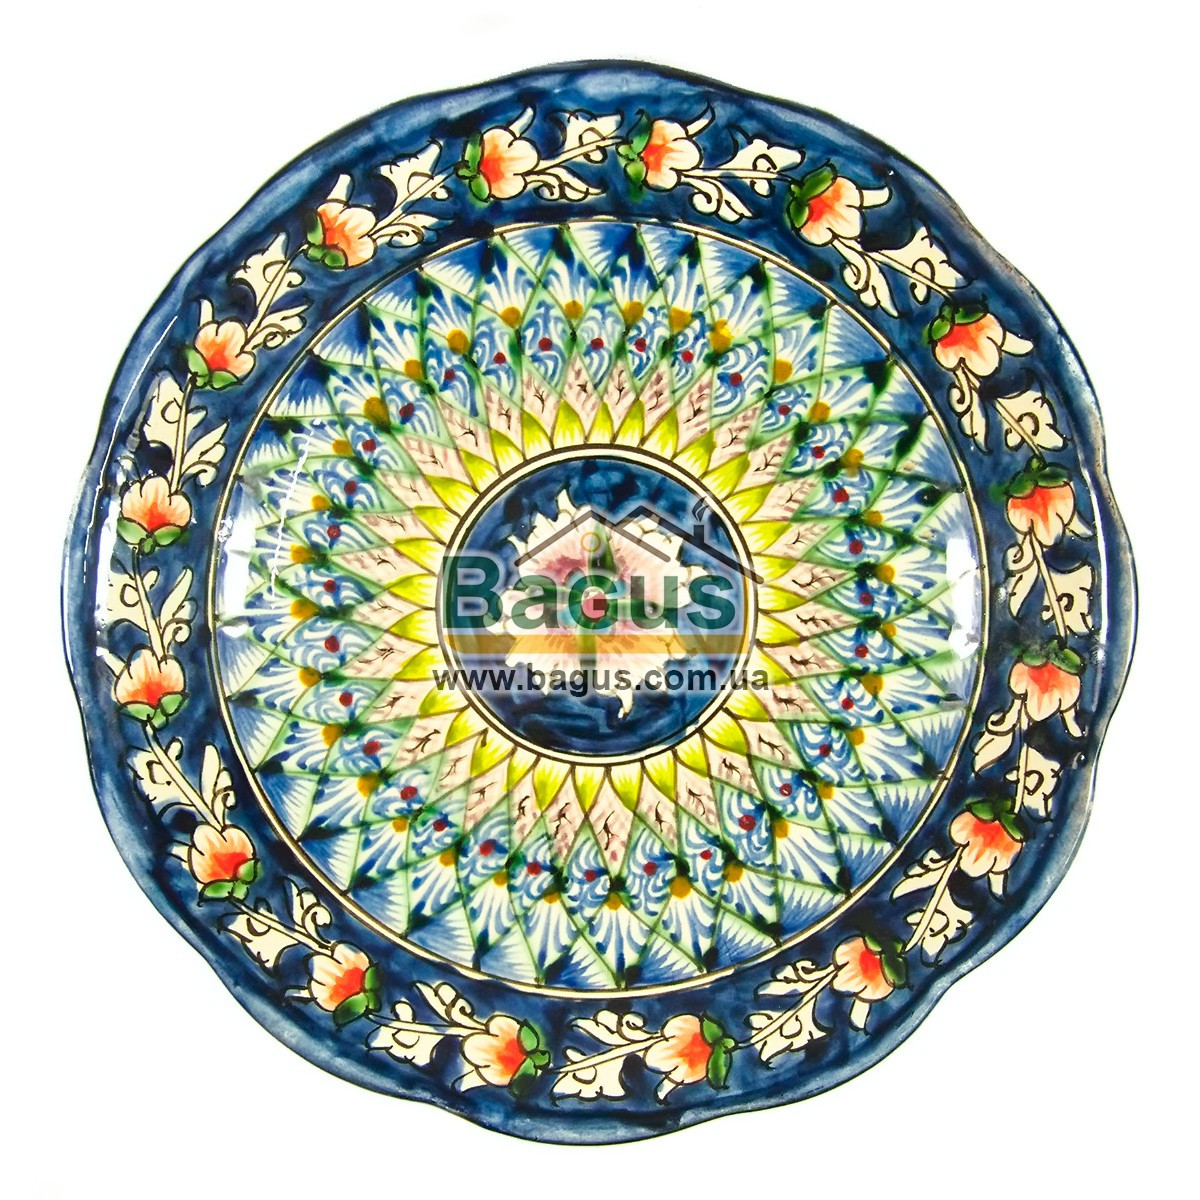 Тарелка узбекская диаметр 22см высота 4см ручная работа 2204-01